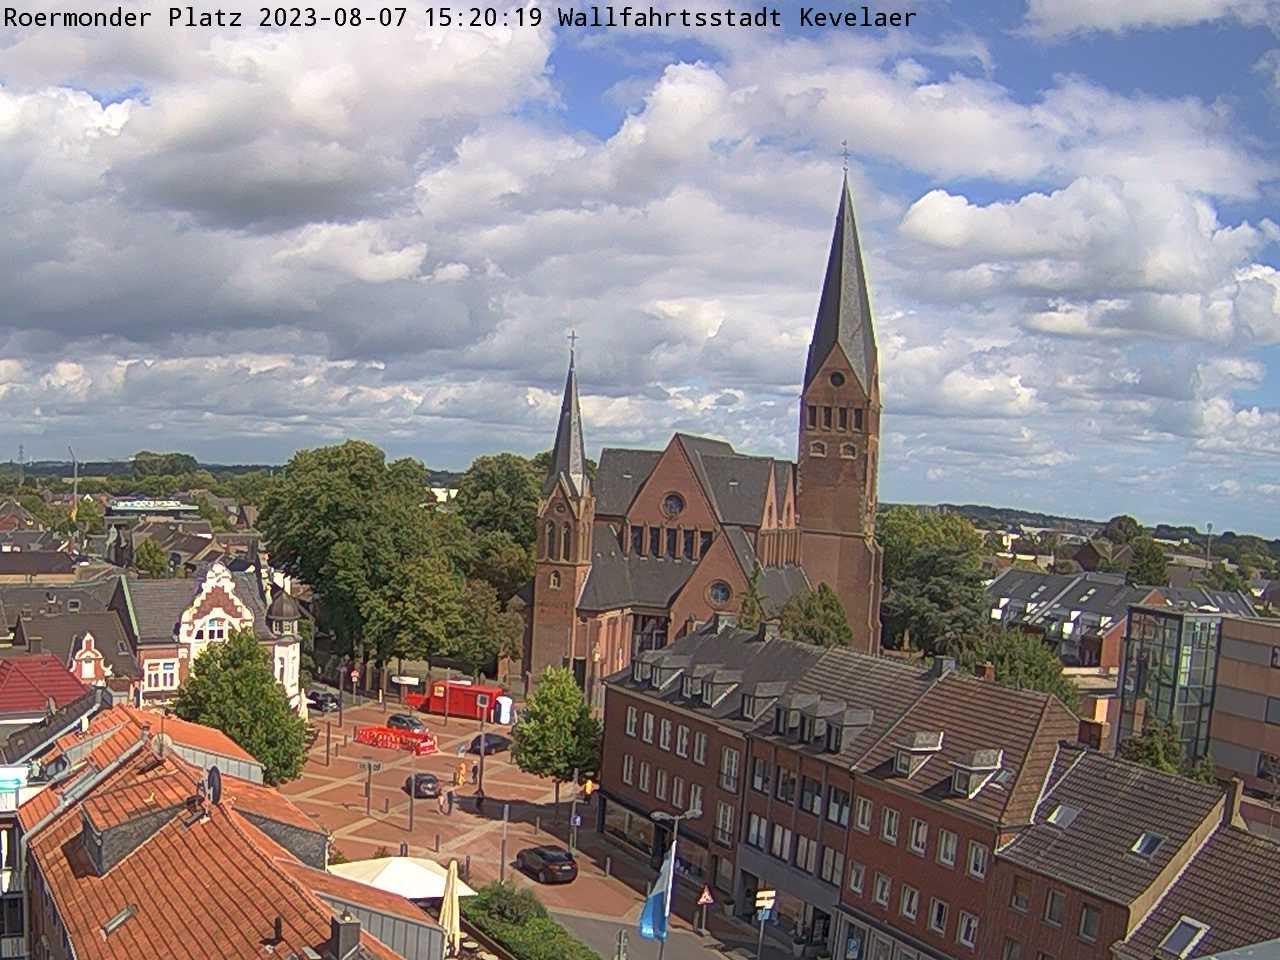 Bild der Webcam mit Blick auf den Roermonder Platz